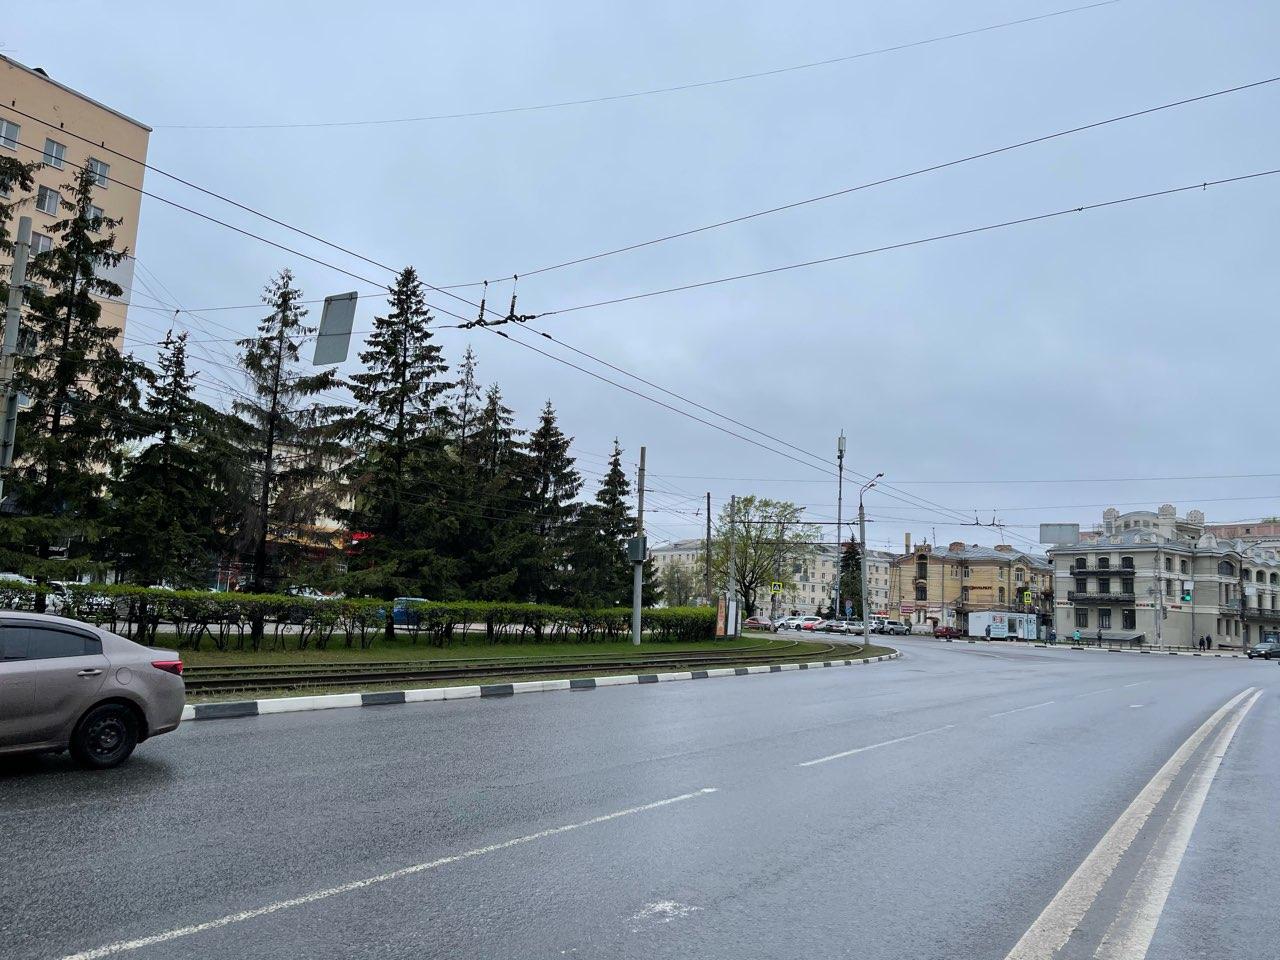 Надземный переход построят на Сормовском шоссе в Нижнем Новгороде за 57,6 млн рублей - фото 1